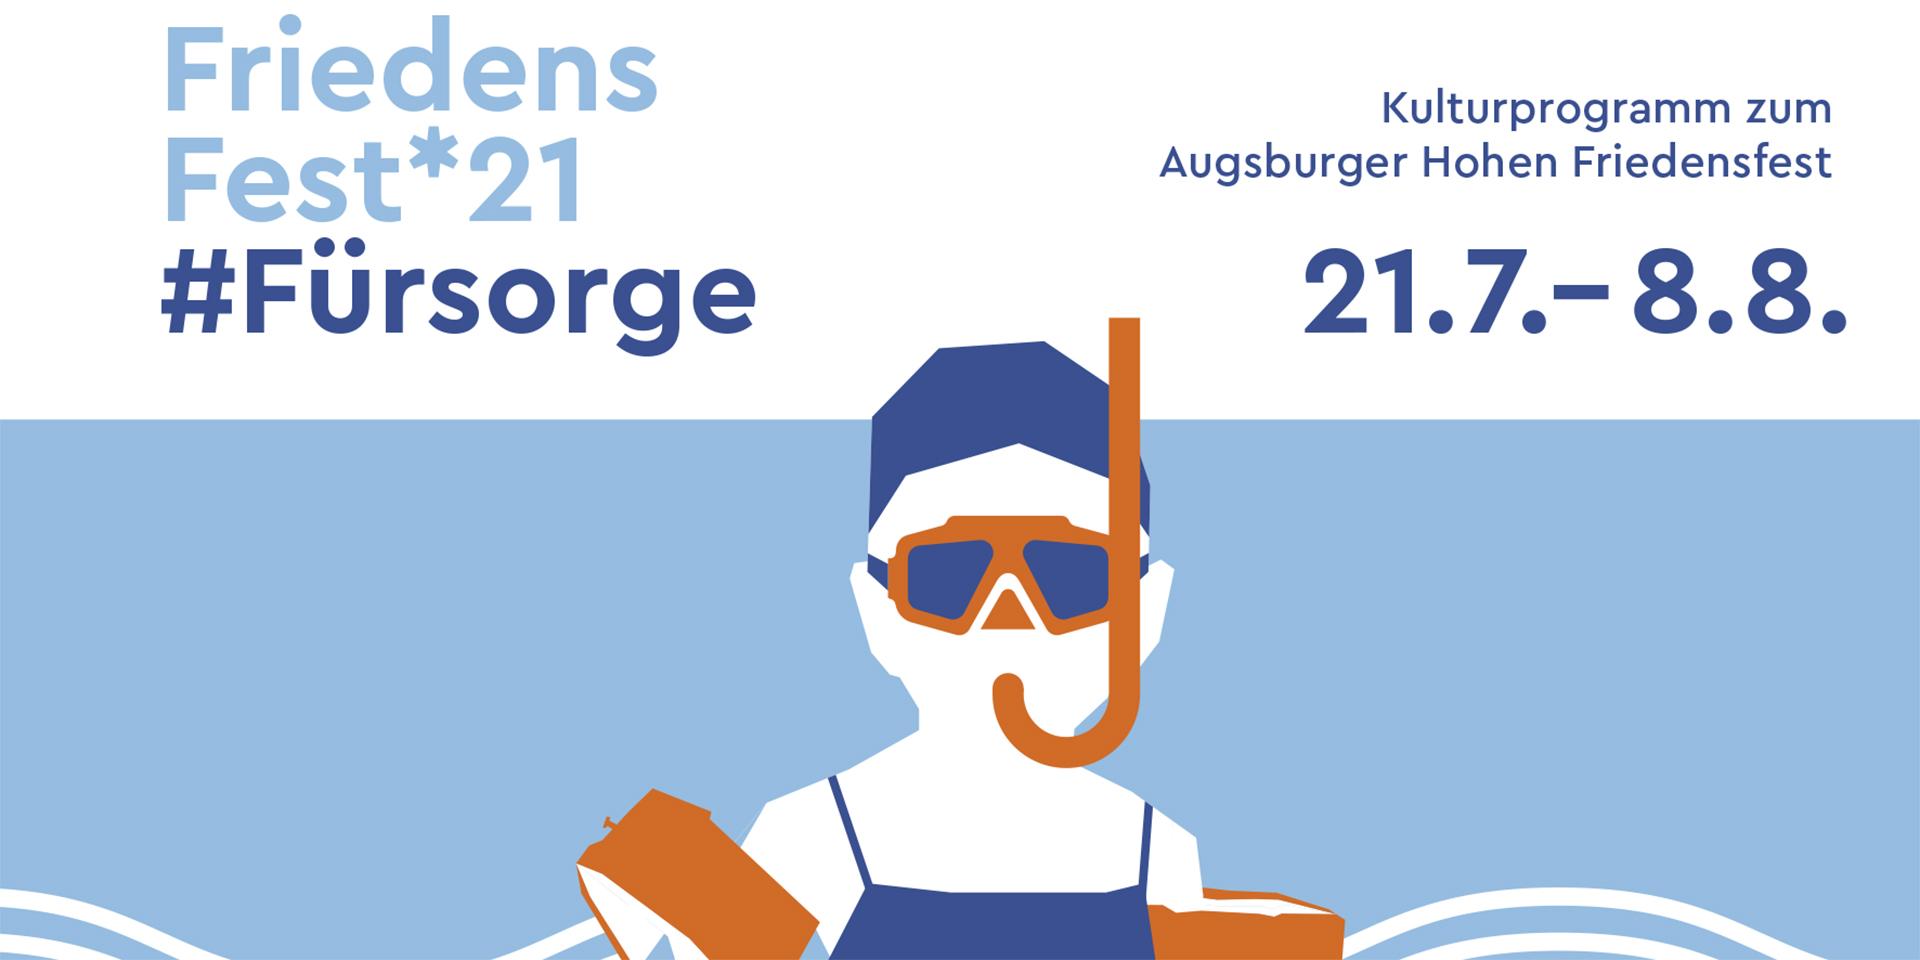 Augsburger Hohen Friedensfest 2021